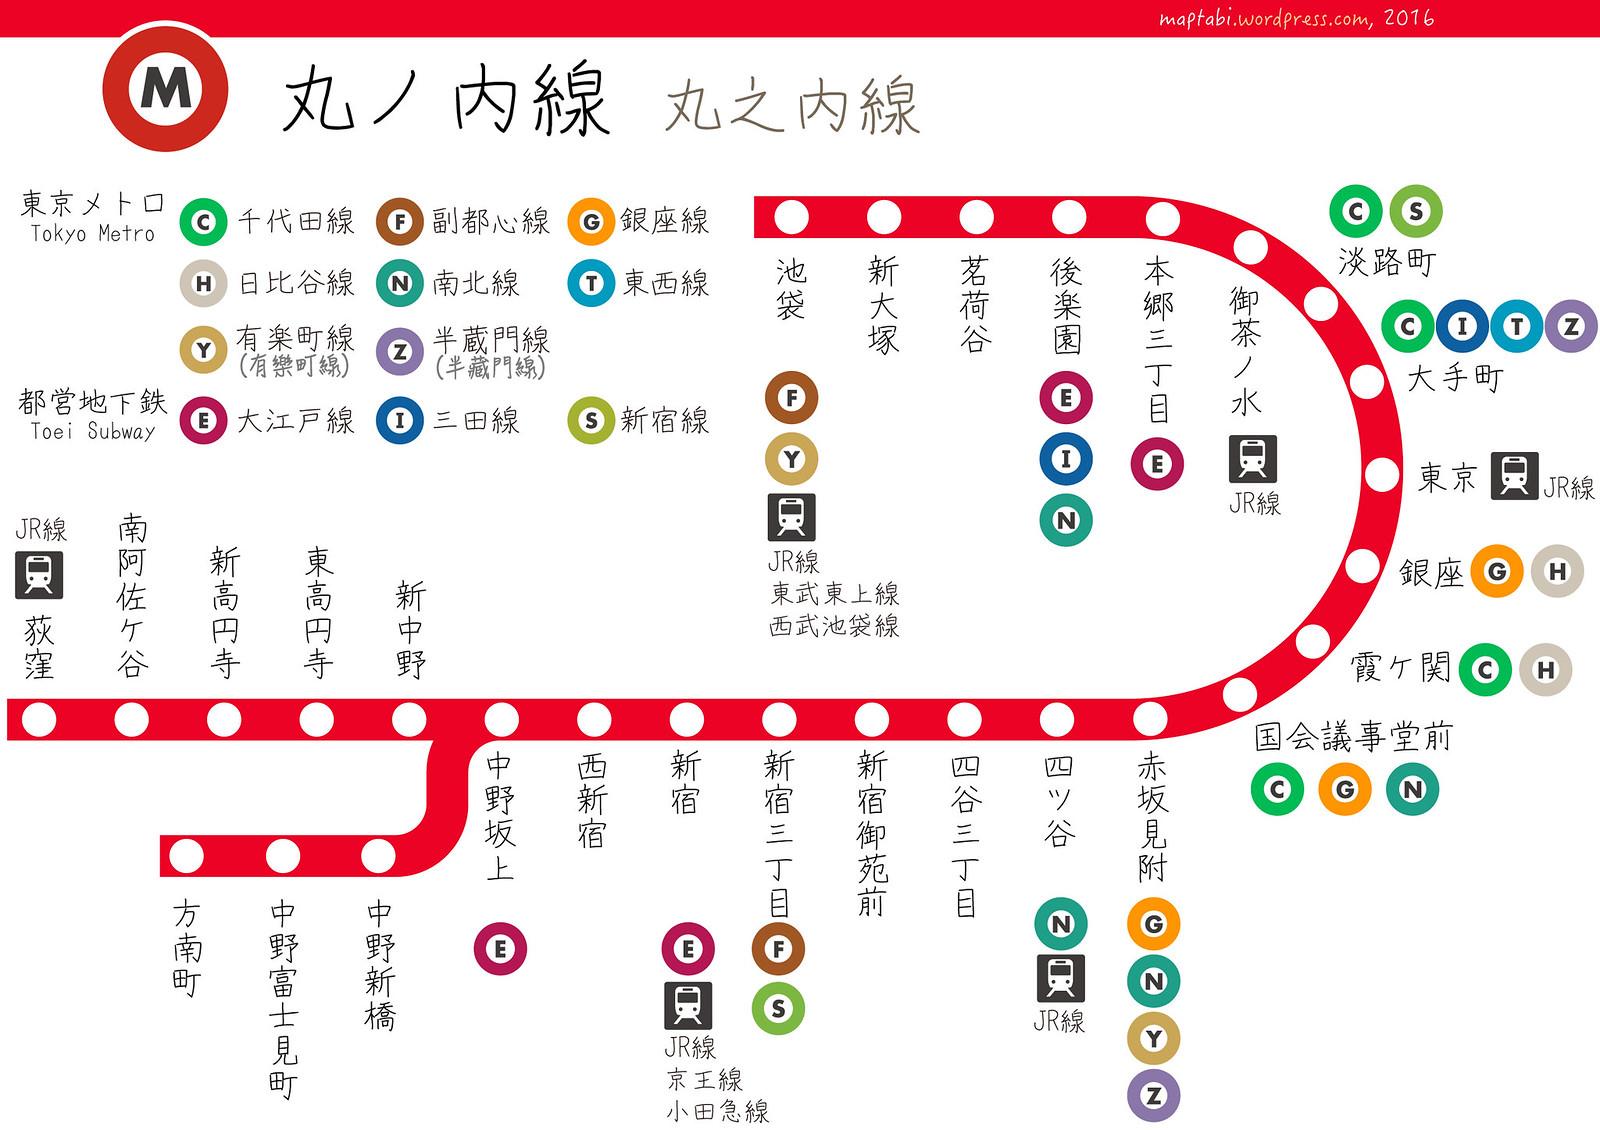 【東京交通】班次超頻密:丸之內線+沿線景點 – maptabi